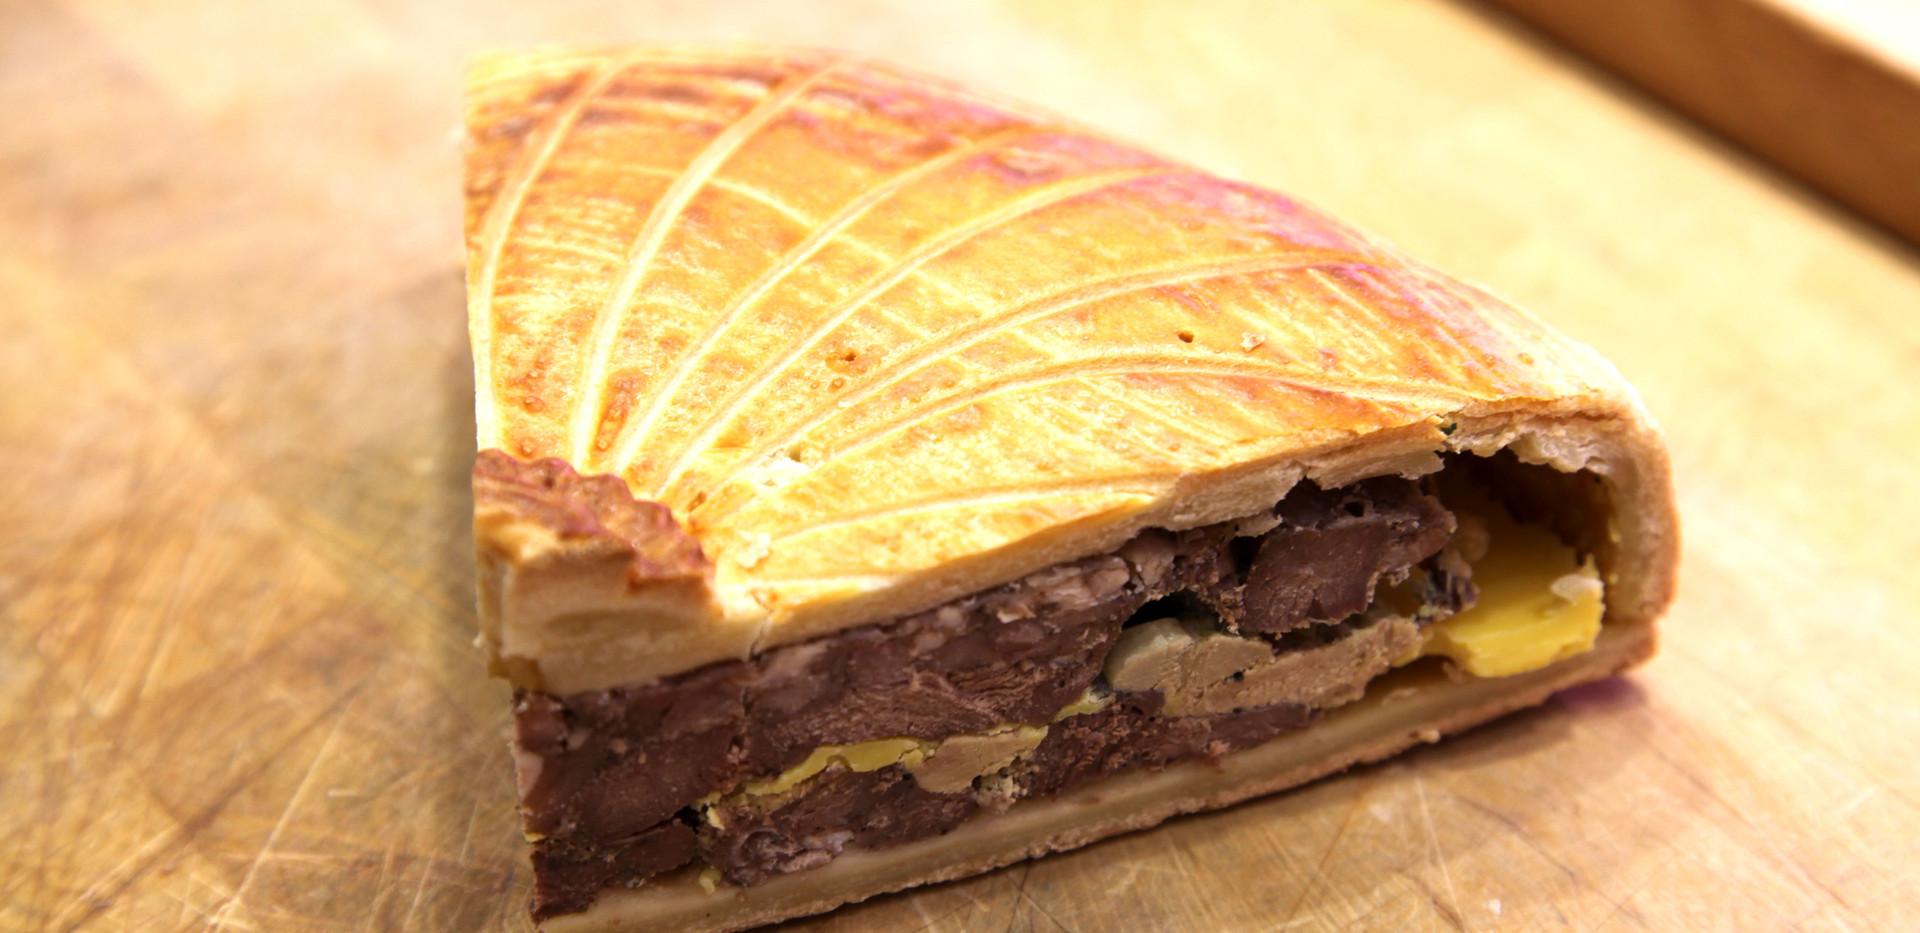 Tourte maison Canard, Foie gras et épic